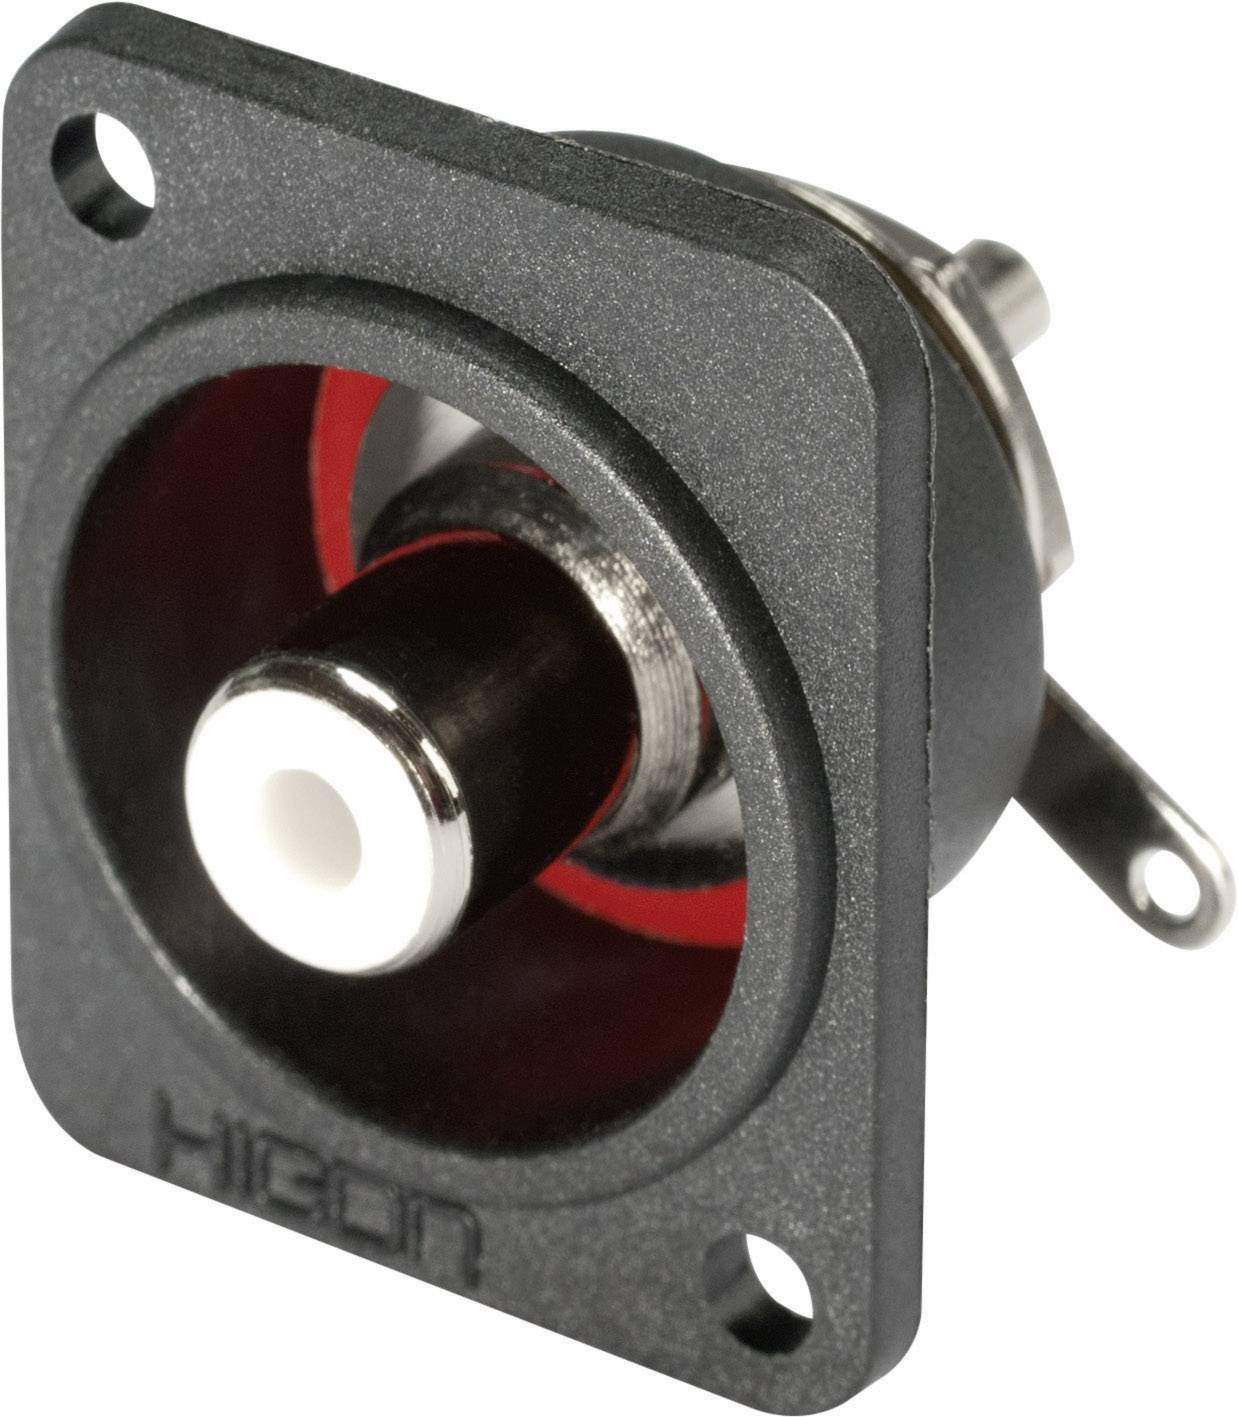 Cinch konektor prírubová zásuvka, rovná Hicon HI-CEFD-WHT, pinov 2, biela, 1 ks